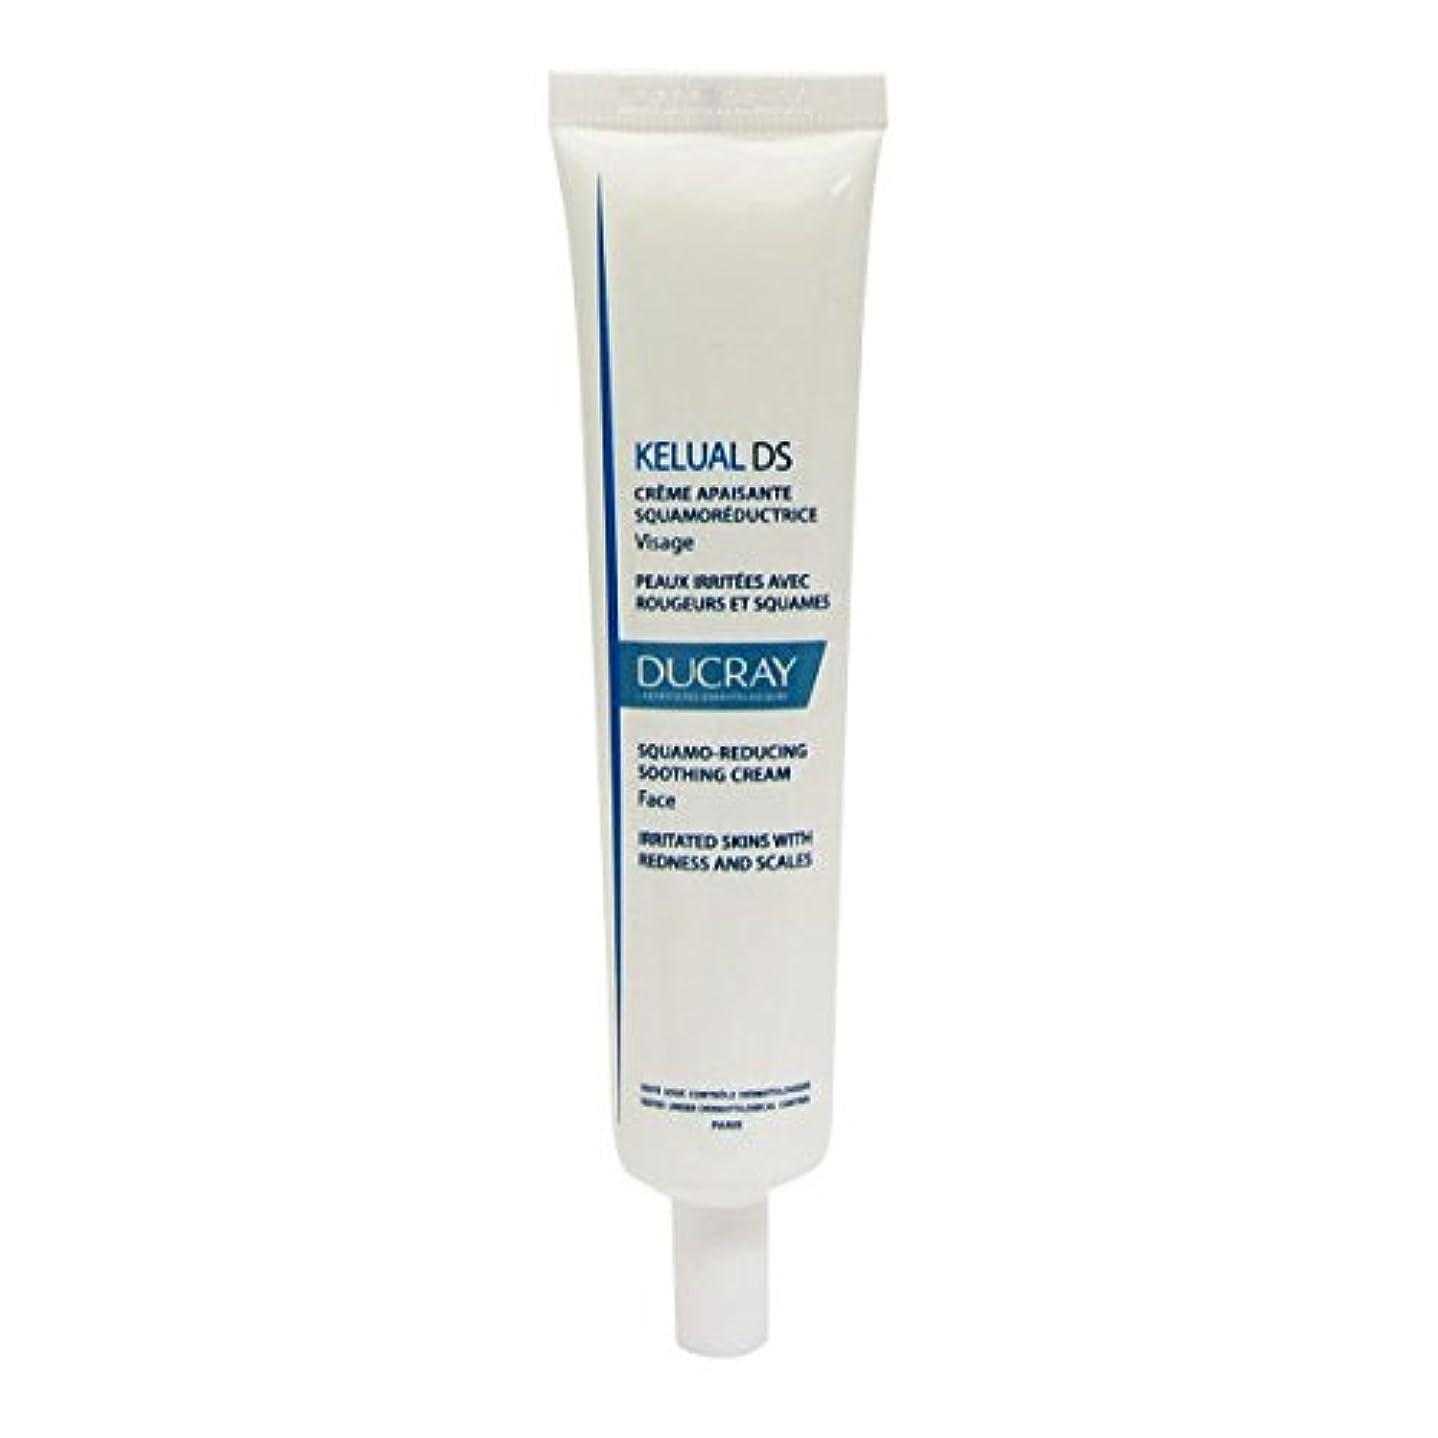 影響感謝する広くDucray Kelual Ds Cream 40ml [並行輸入品]